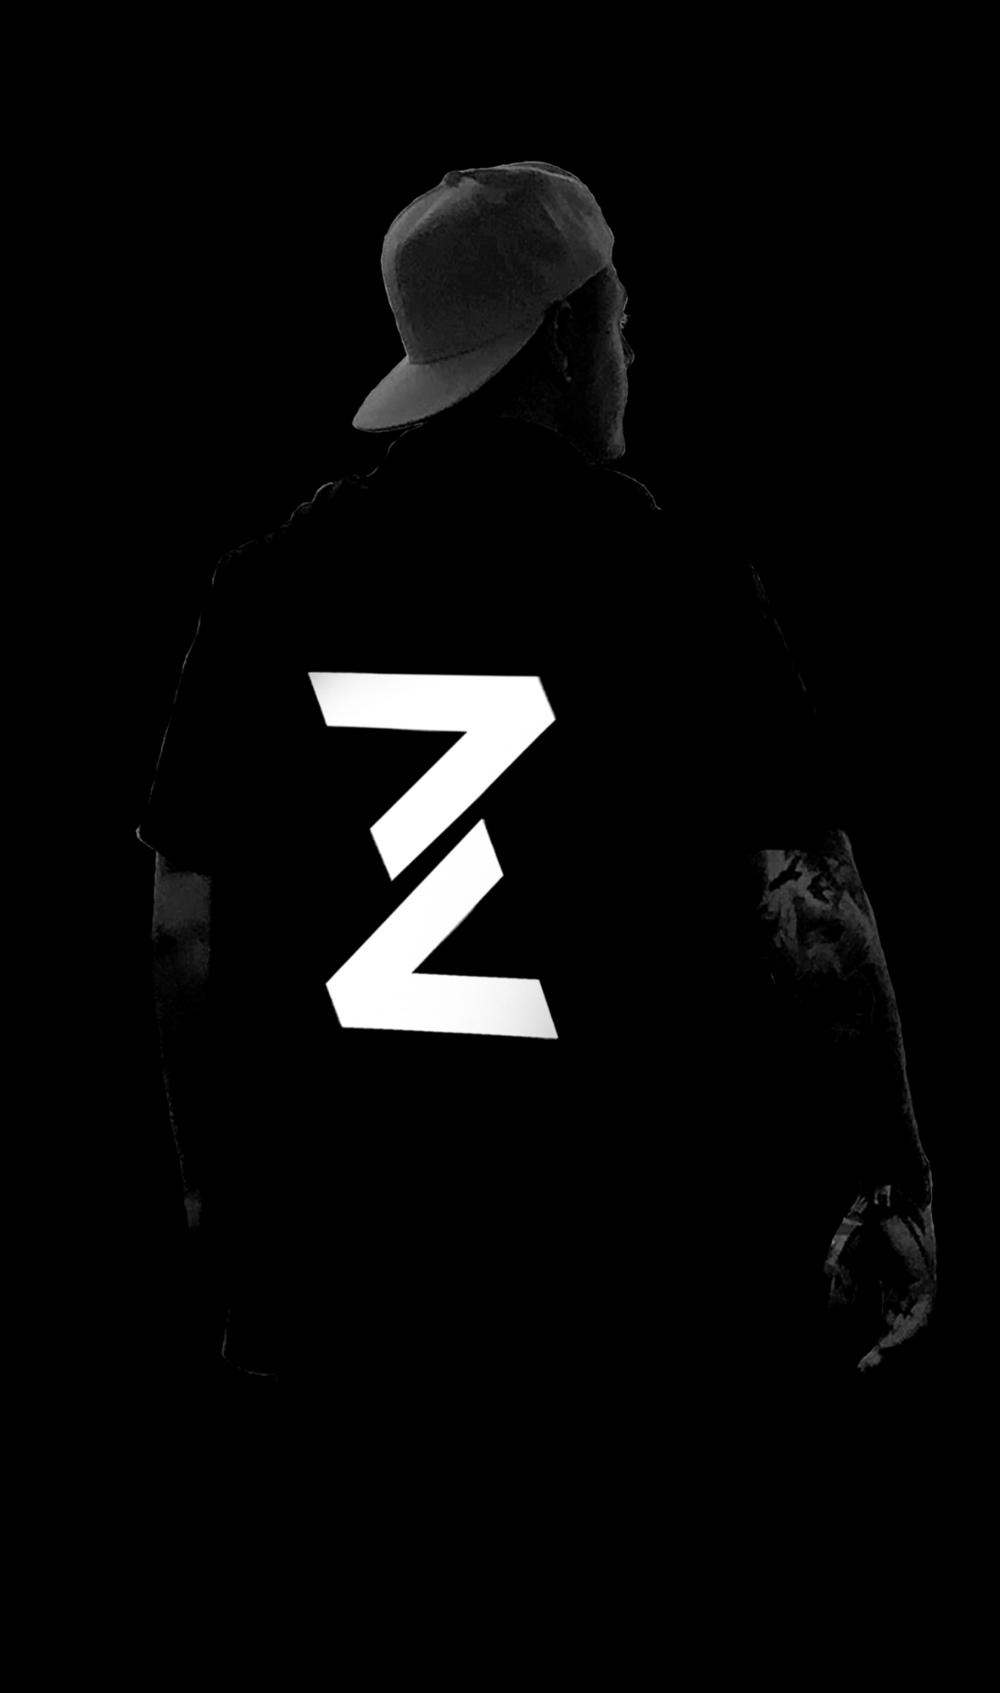 ZM Press Shot.png